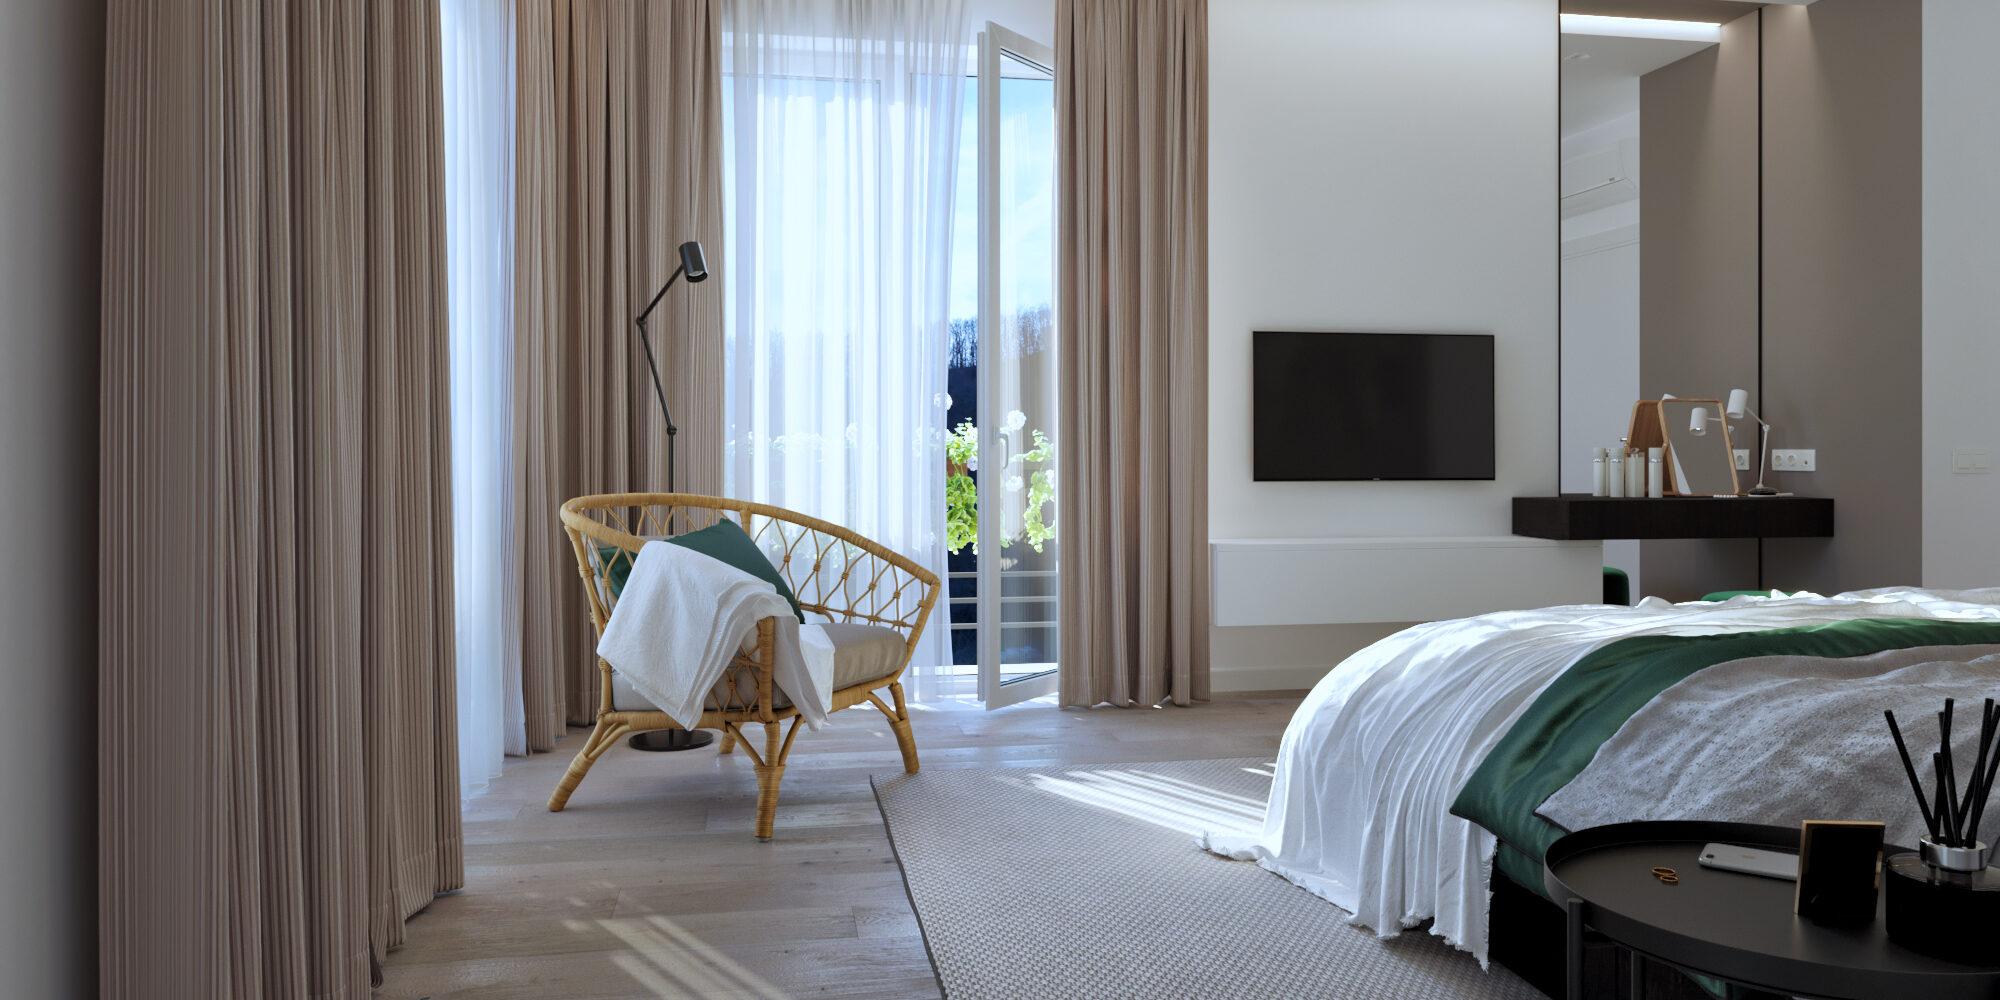 Интерьер дома с современном стиле